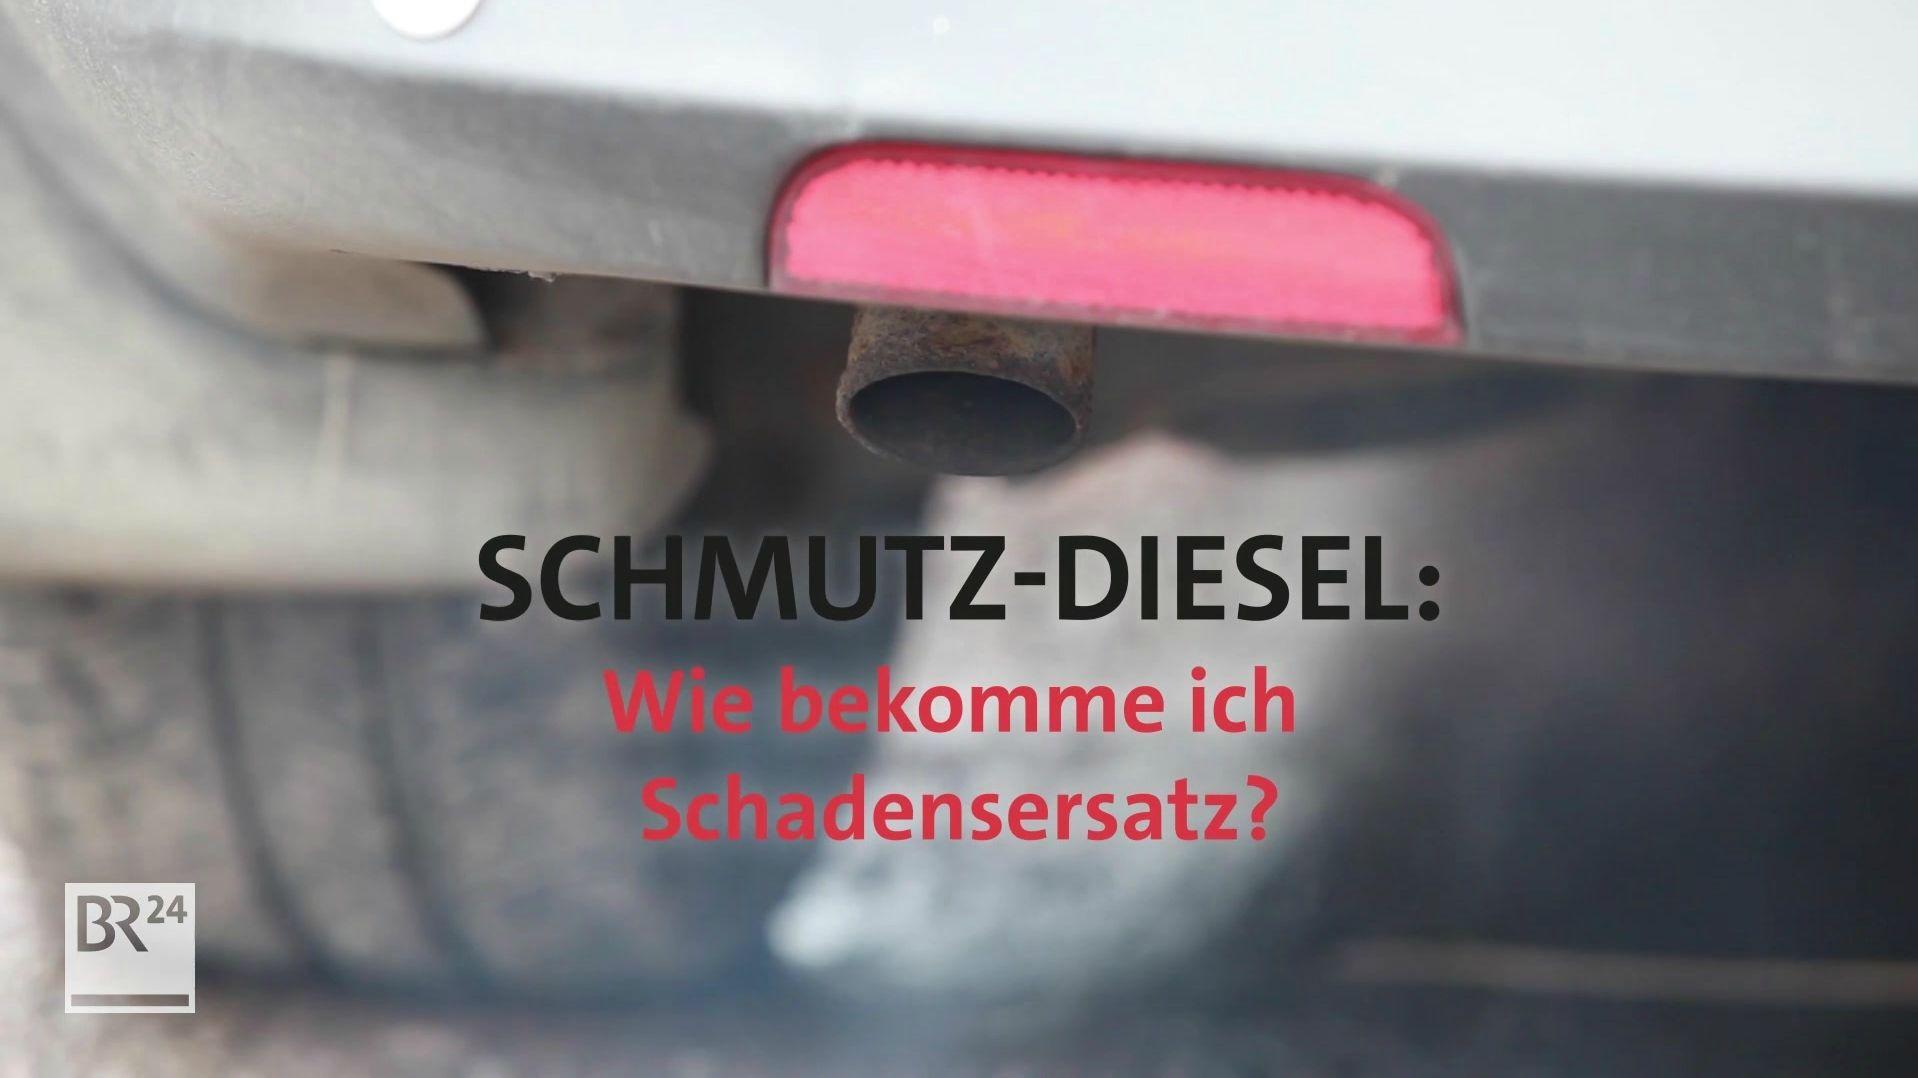 Wenn der eigene Diesel ein Schmutz-Diesel ist ...